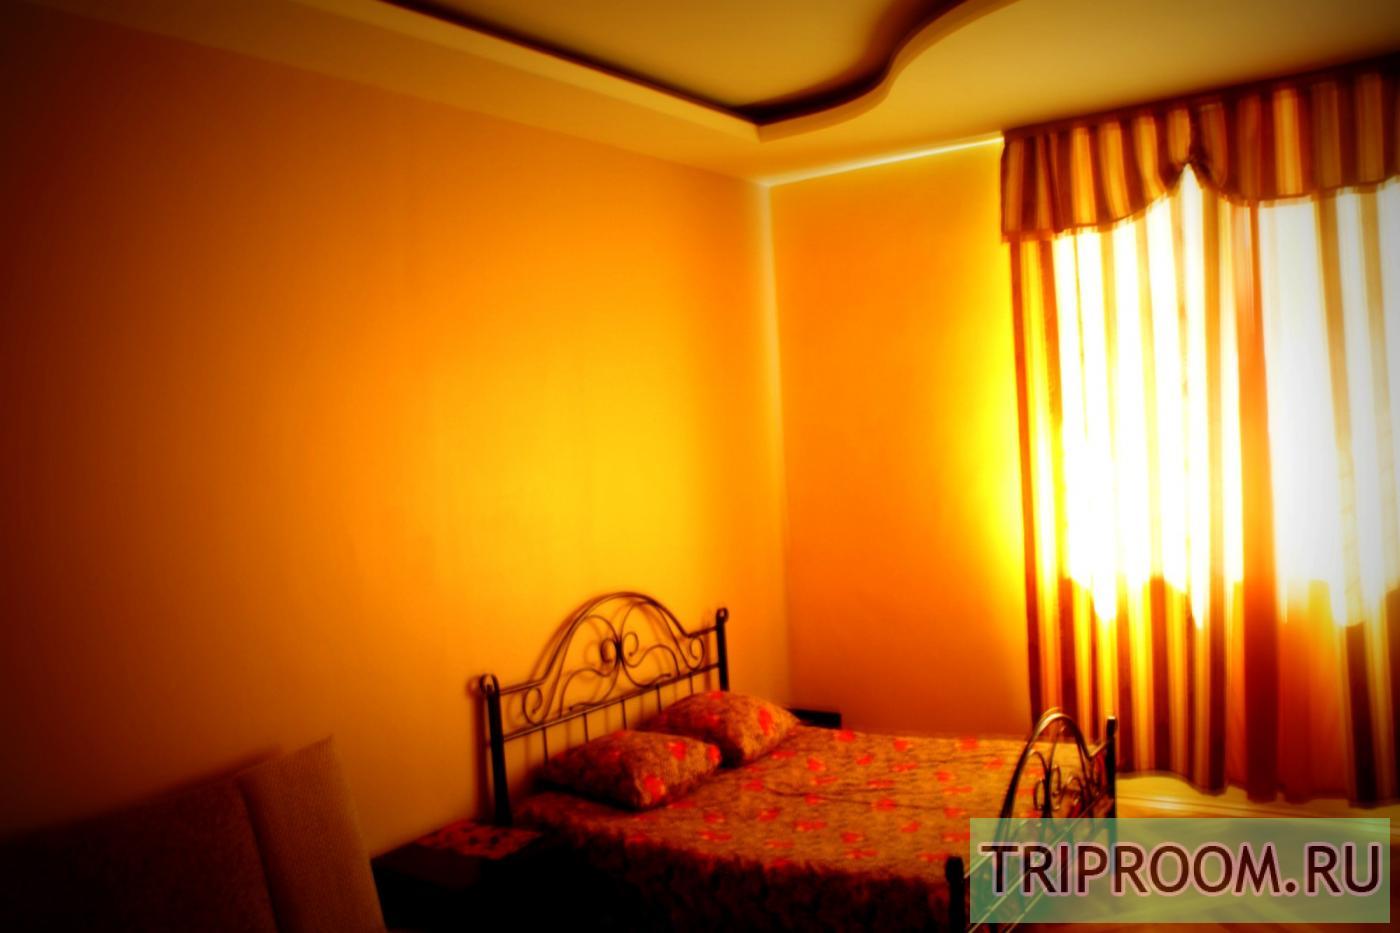 1-комнатная квартира посуточно (вариант № 10563), ул. Володарского улица, фото № 1